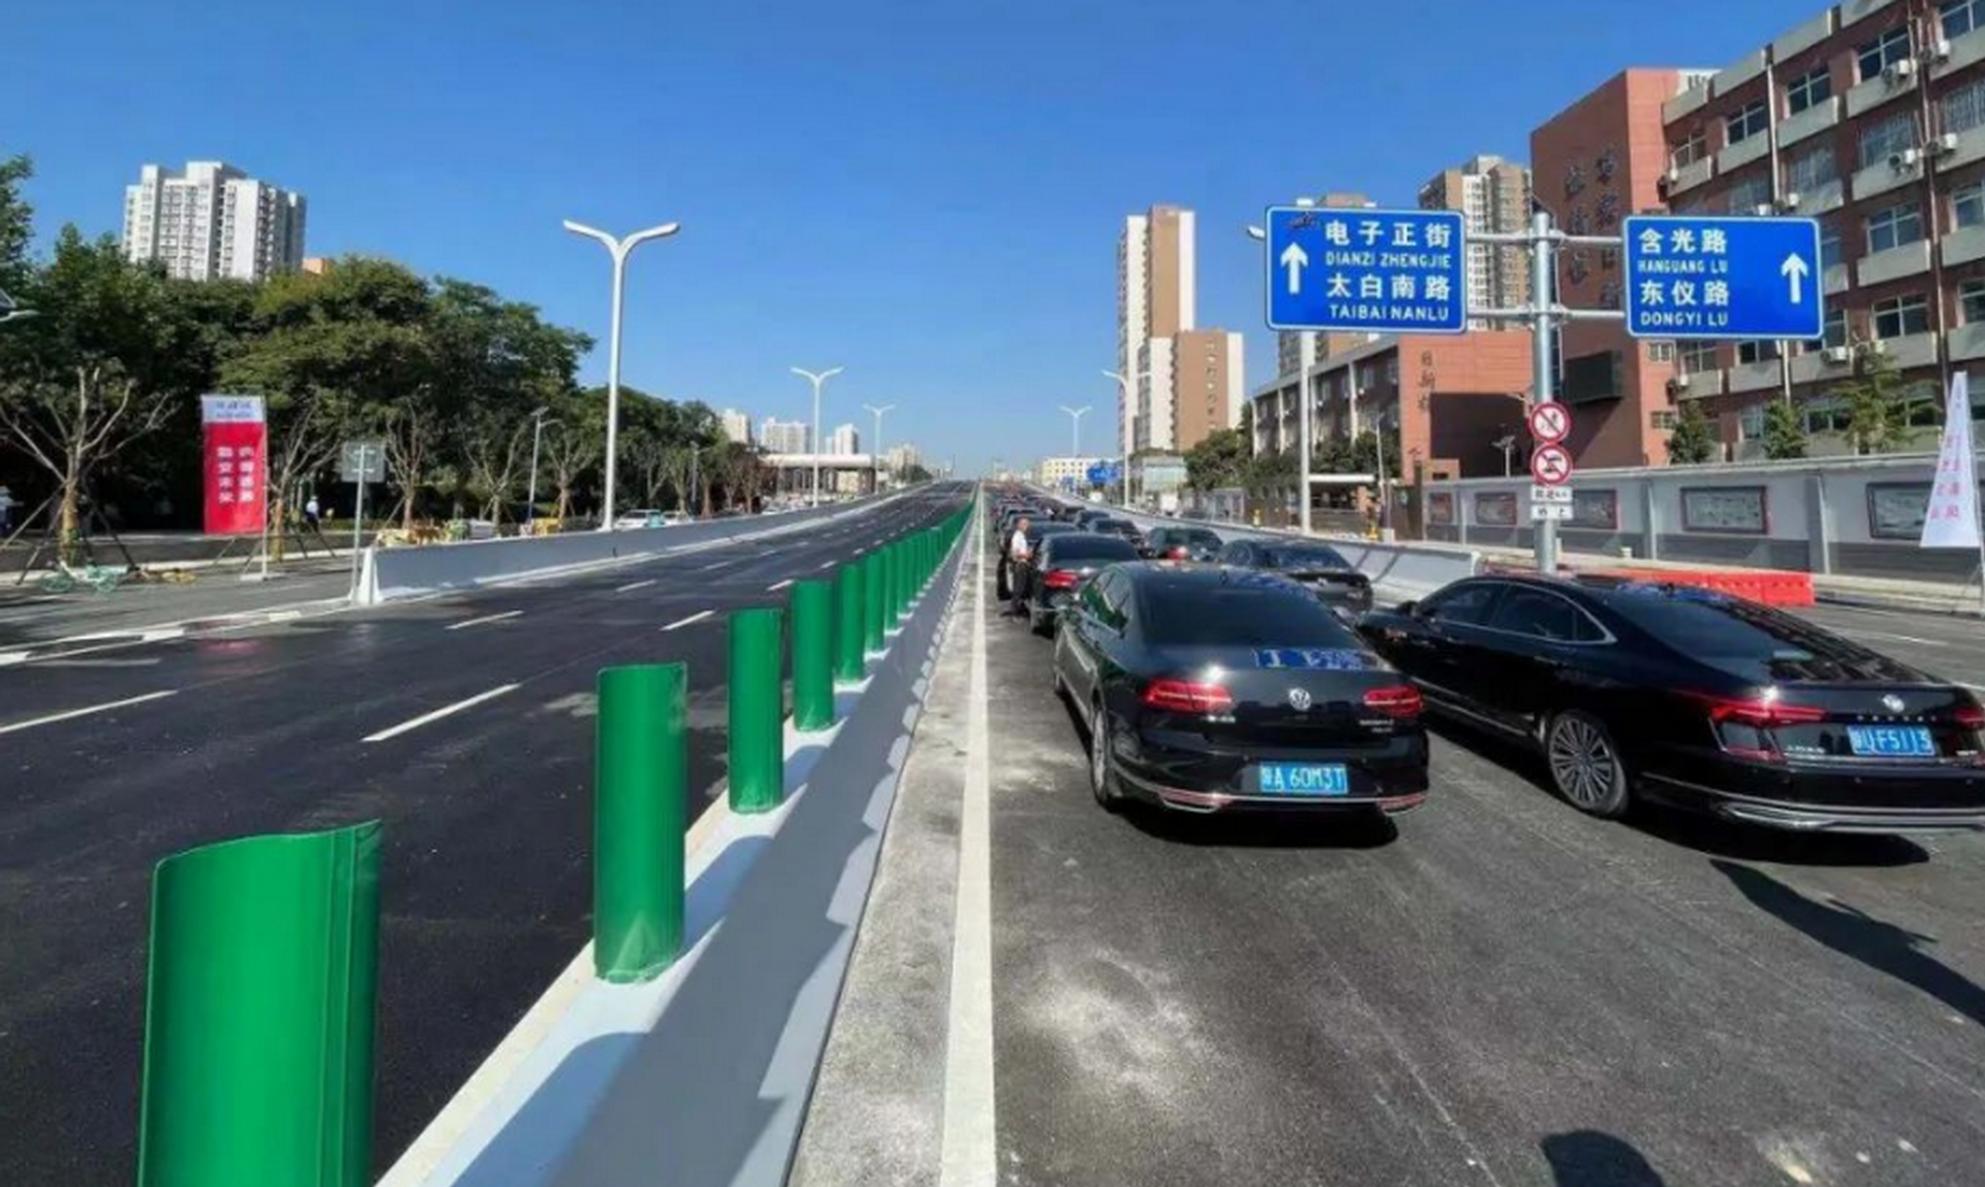 西安2.5环南段正式通车!串联高新、小寨两大商圈!